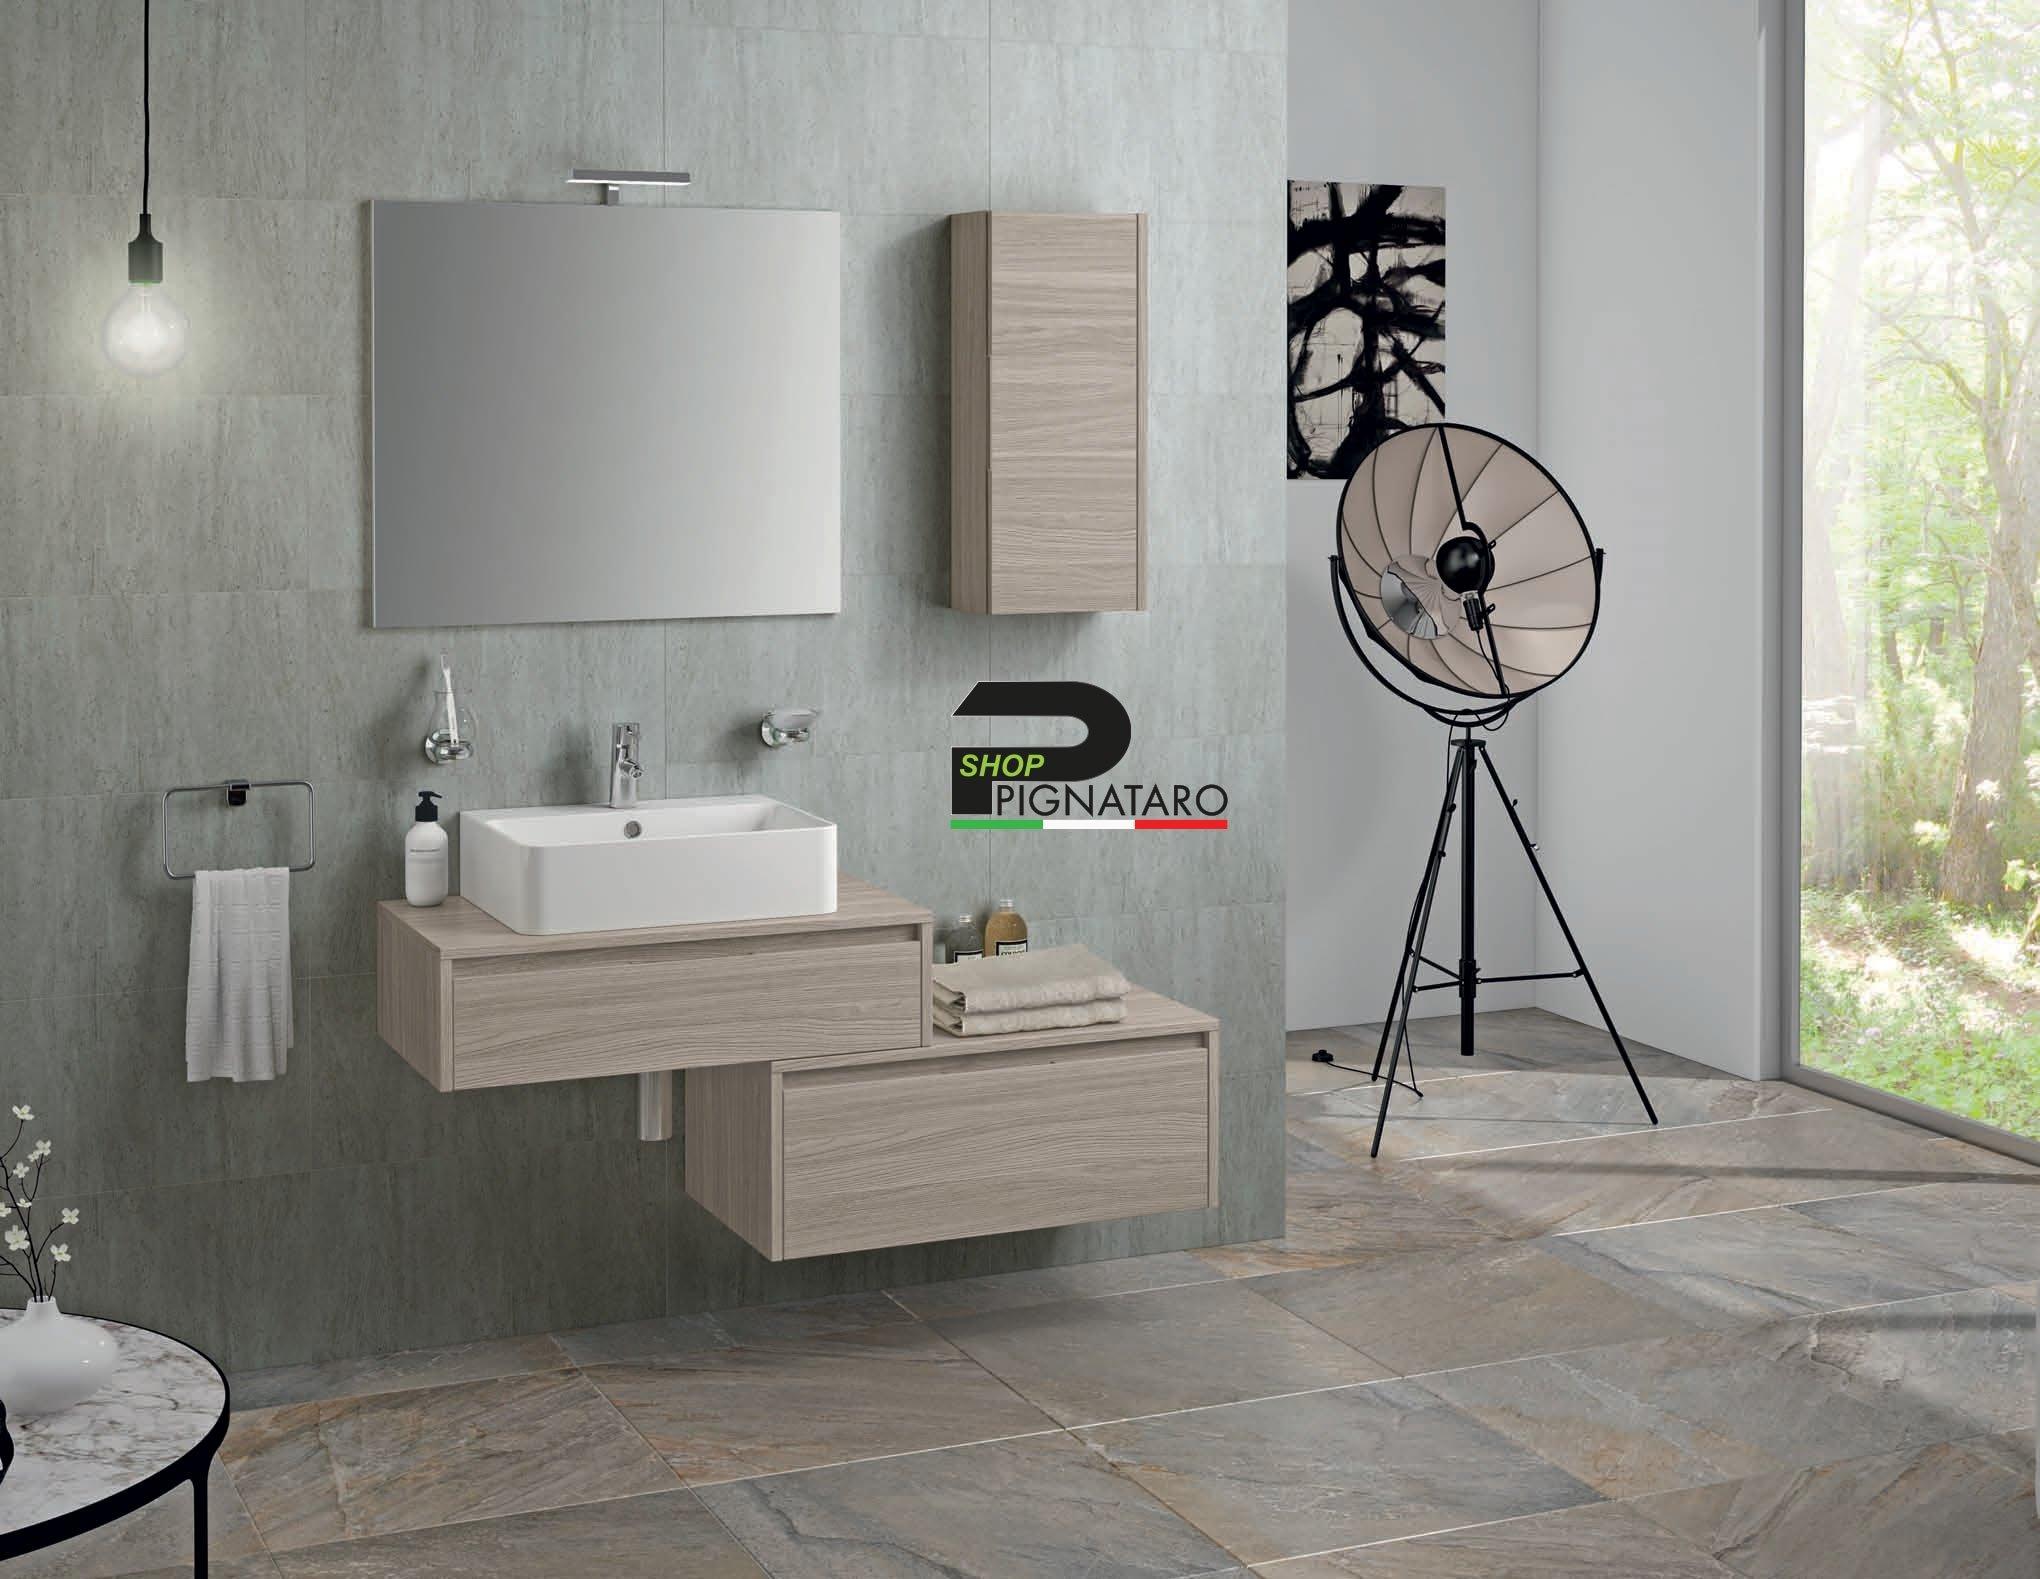 Armadietto Bagno Moderno mobile bagno sospeso trevi 01 - pignataro shop